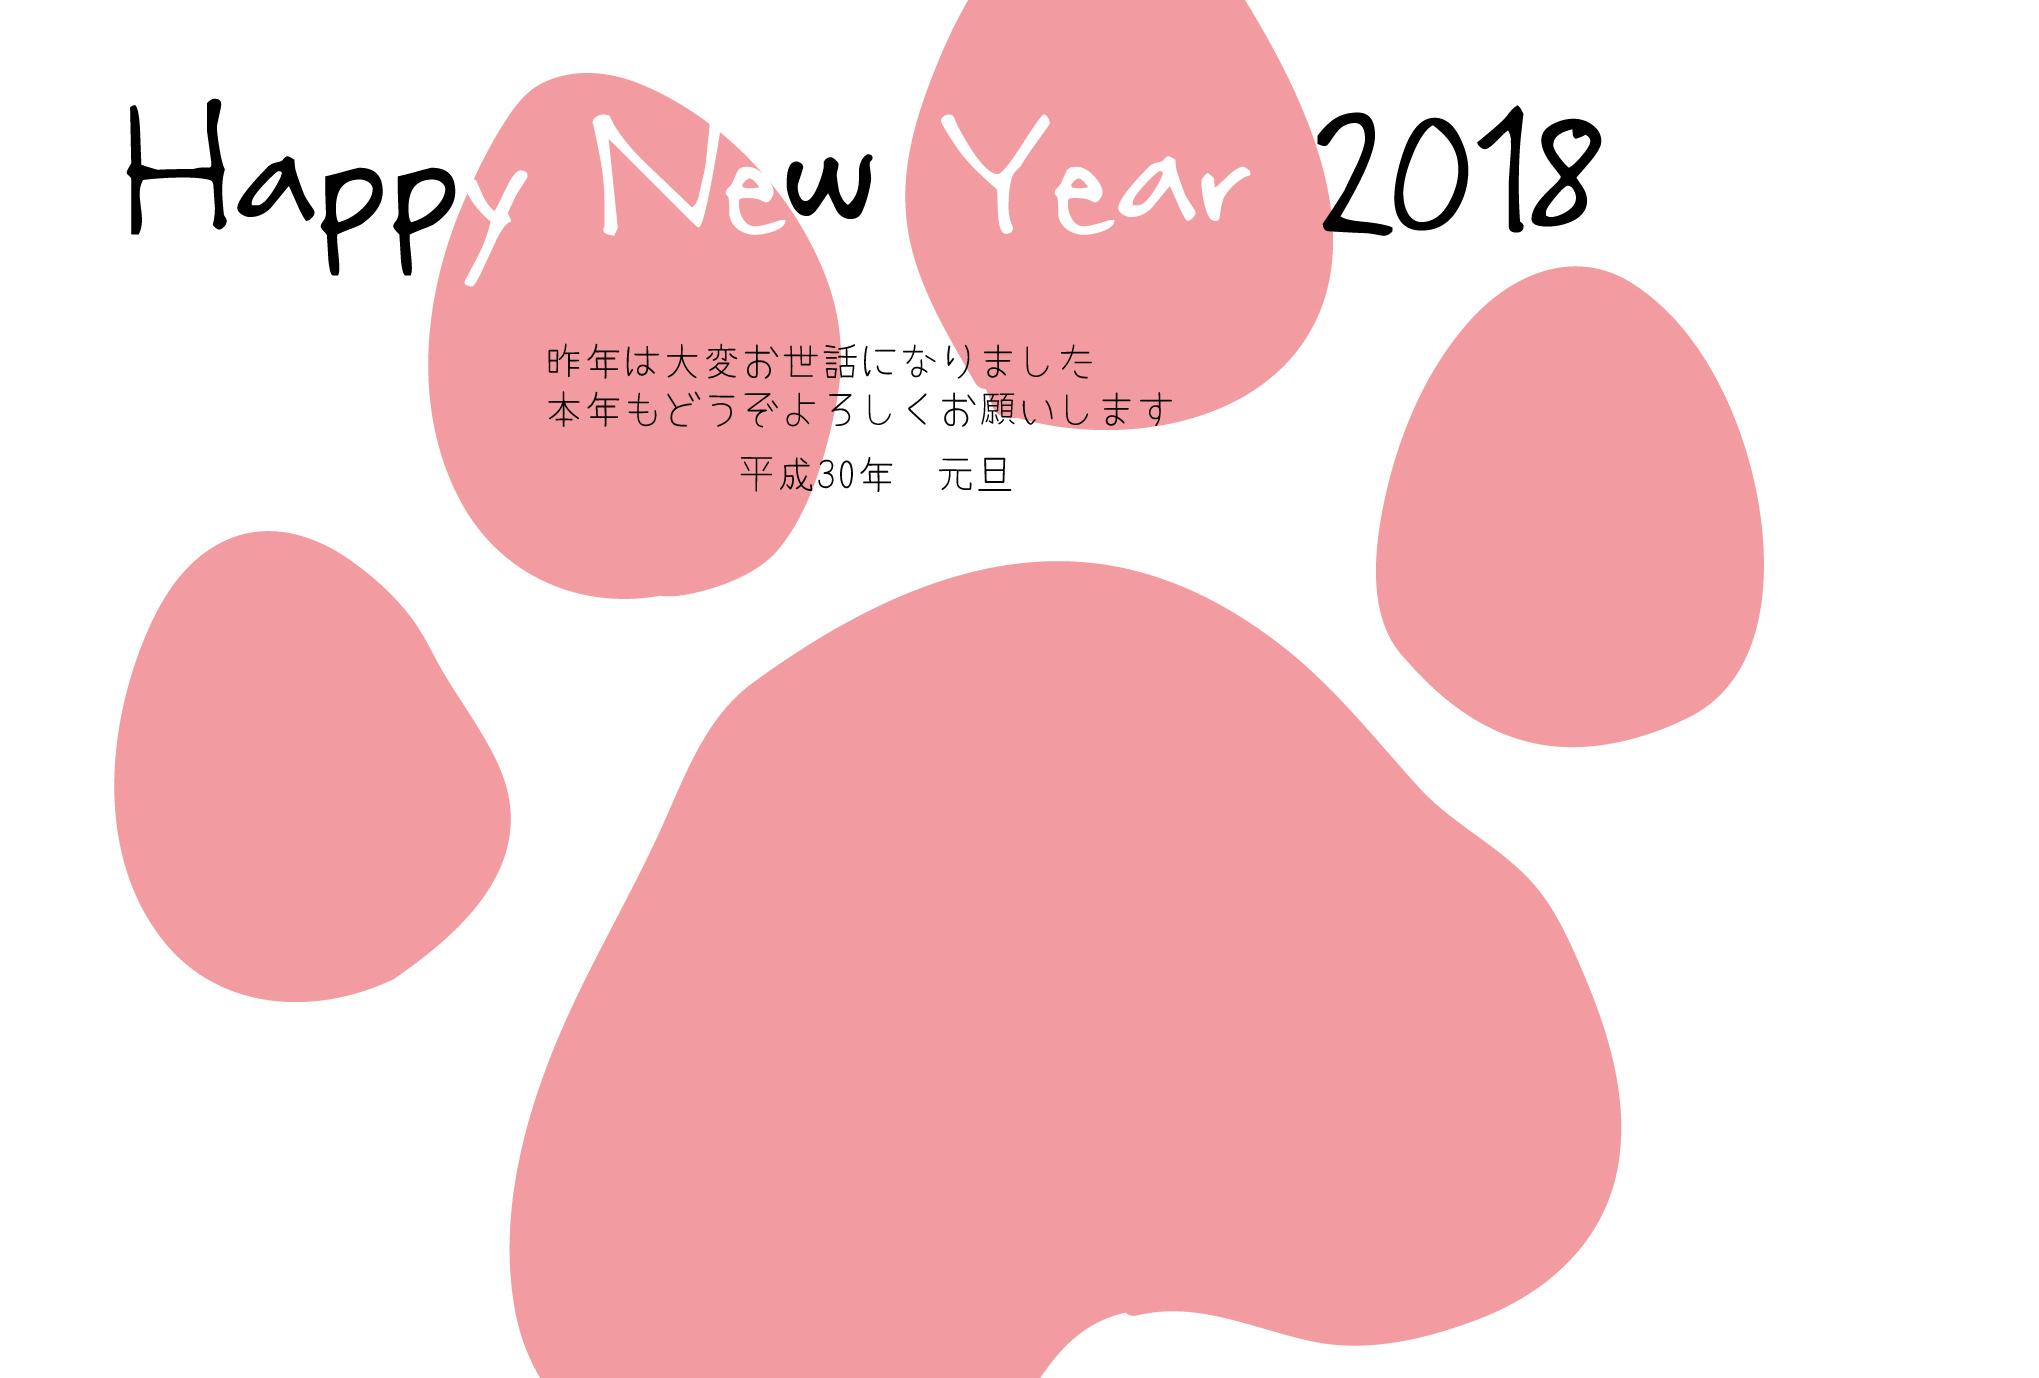 2018年賀状テンプレート「戌(いぬ)」にくきゅう3ダウンロード